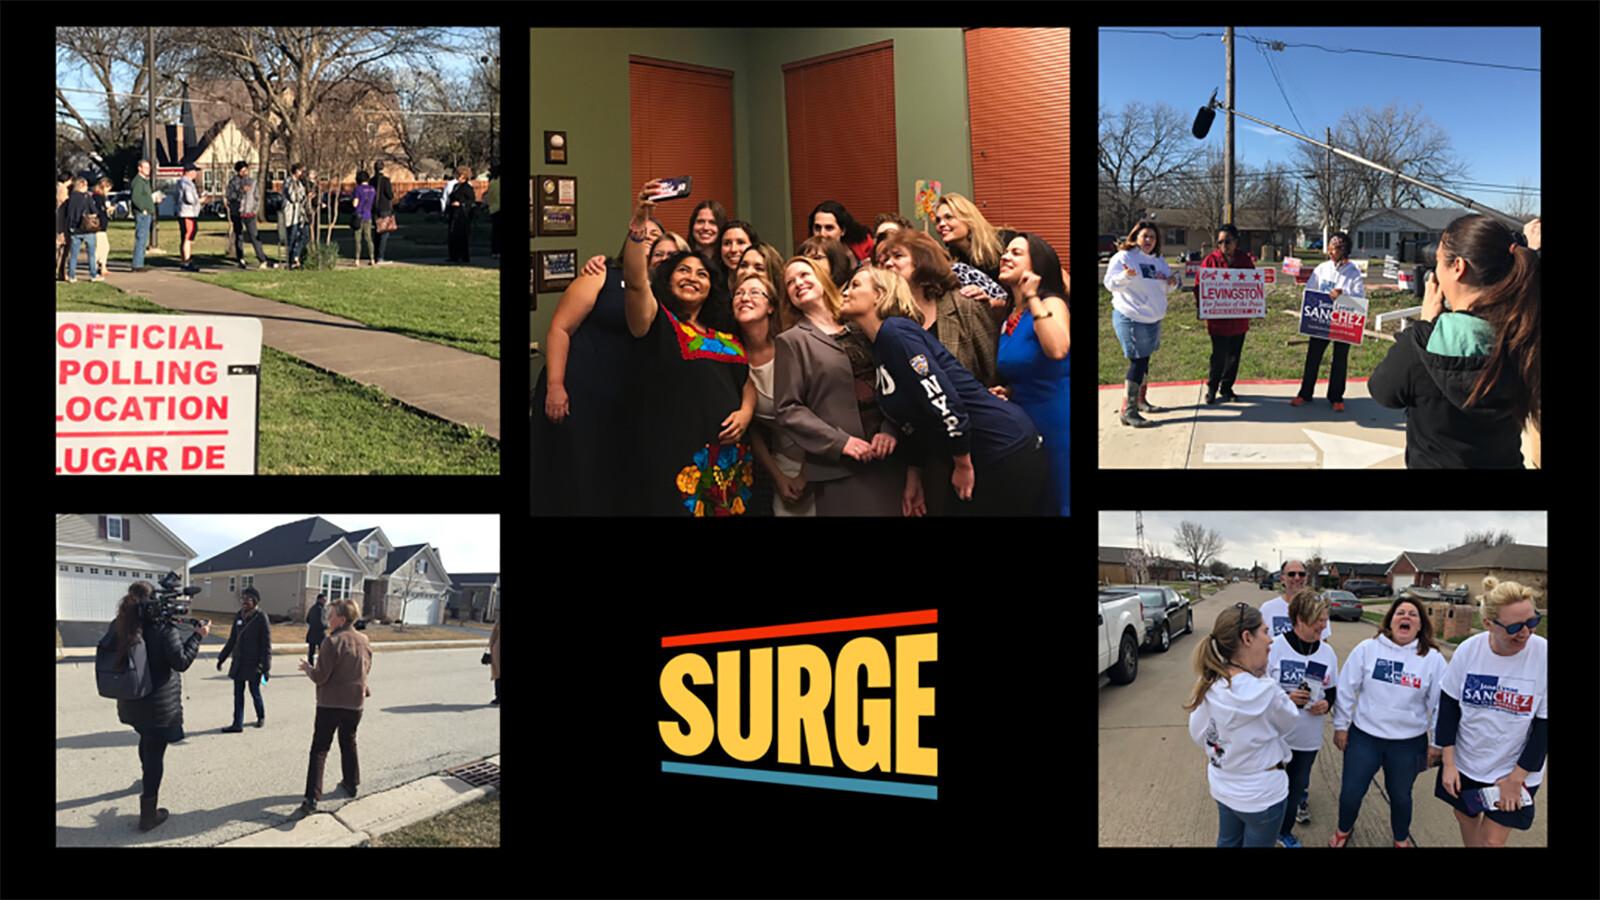 Surge movie stills